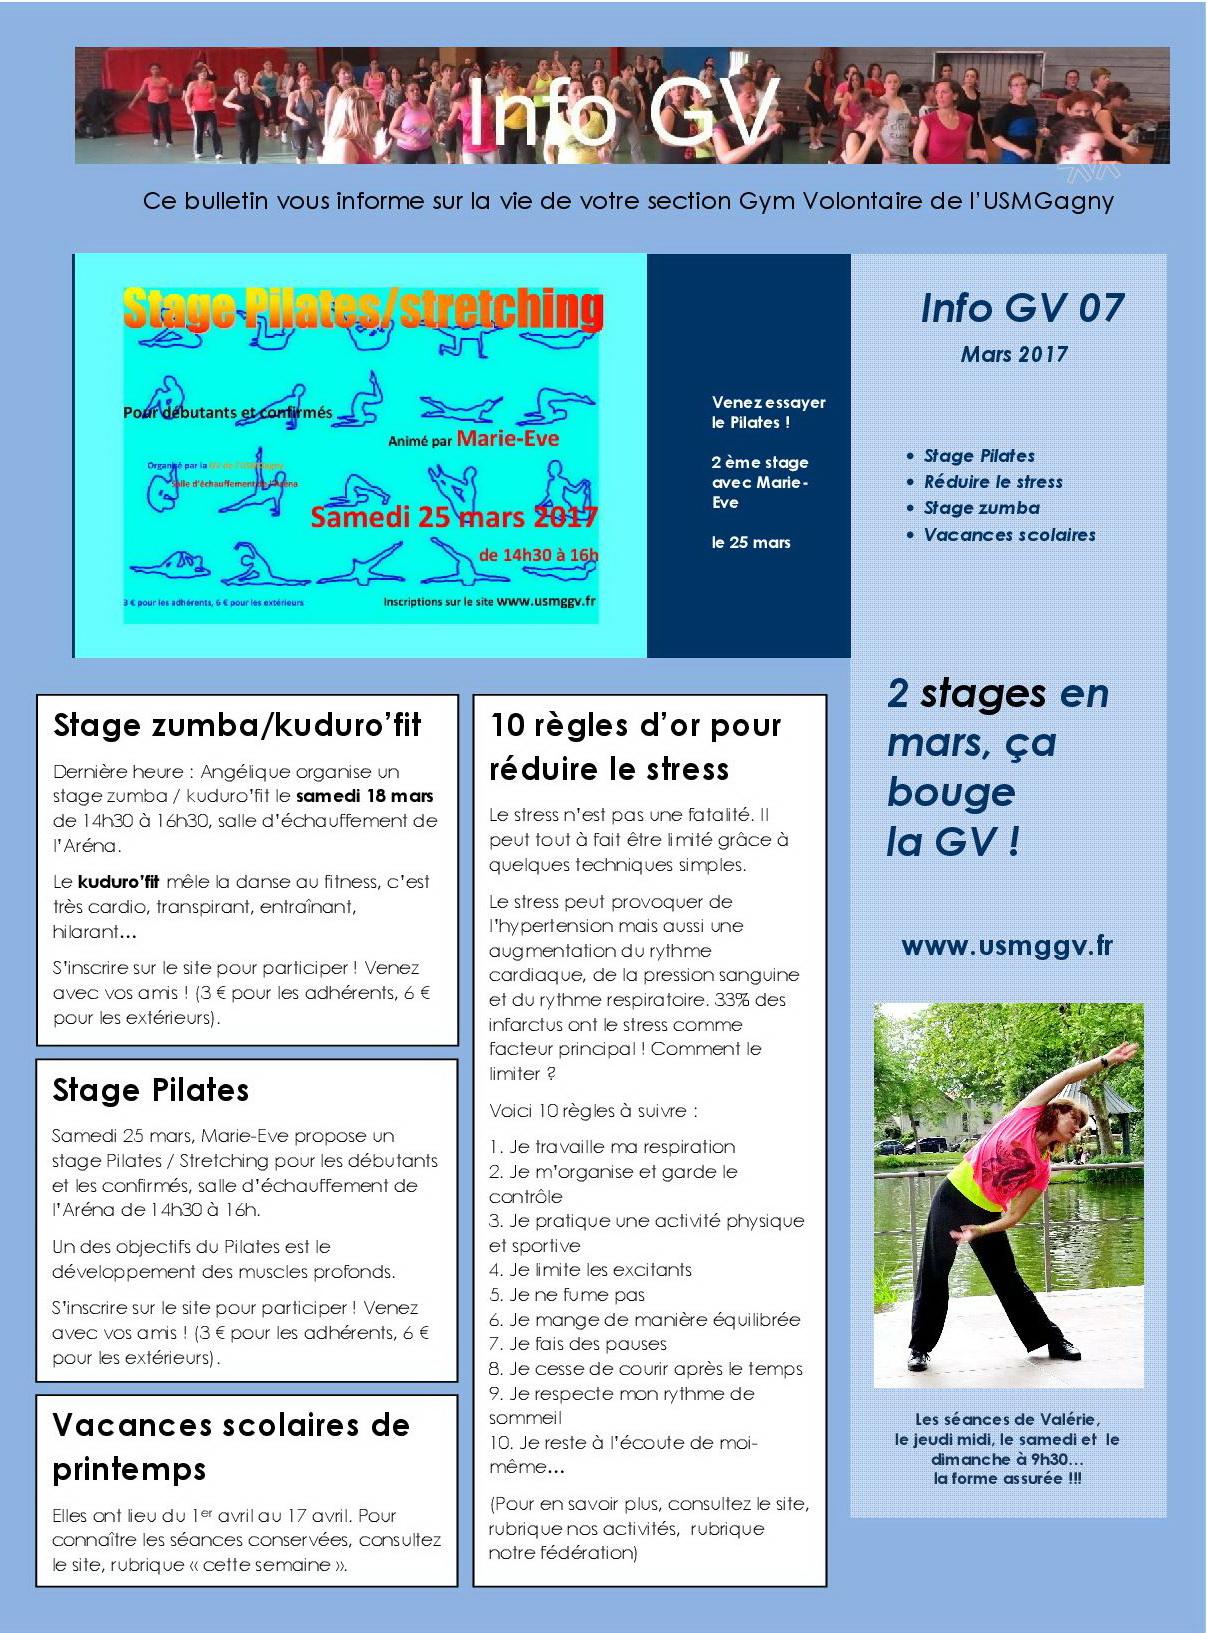 Info gv 07